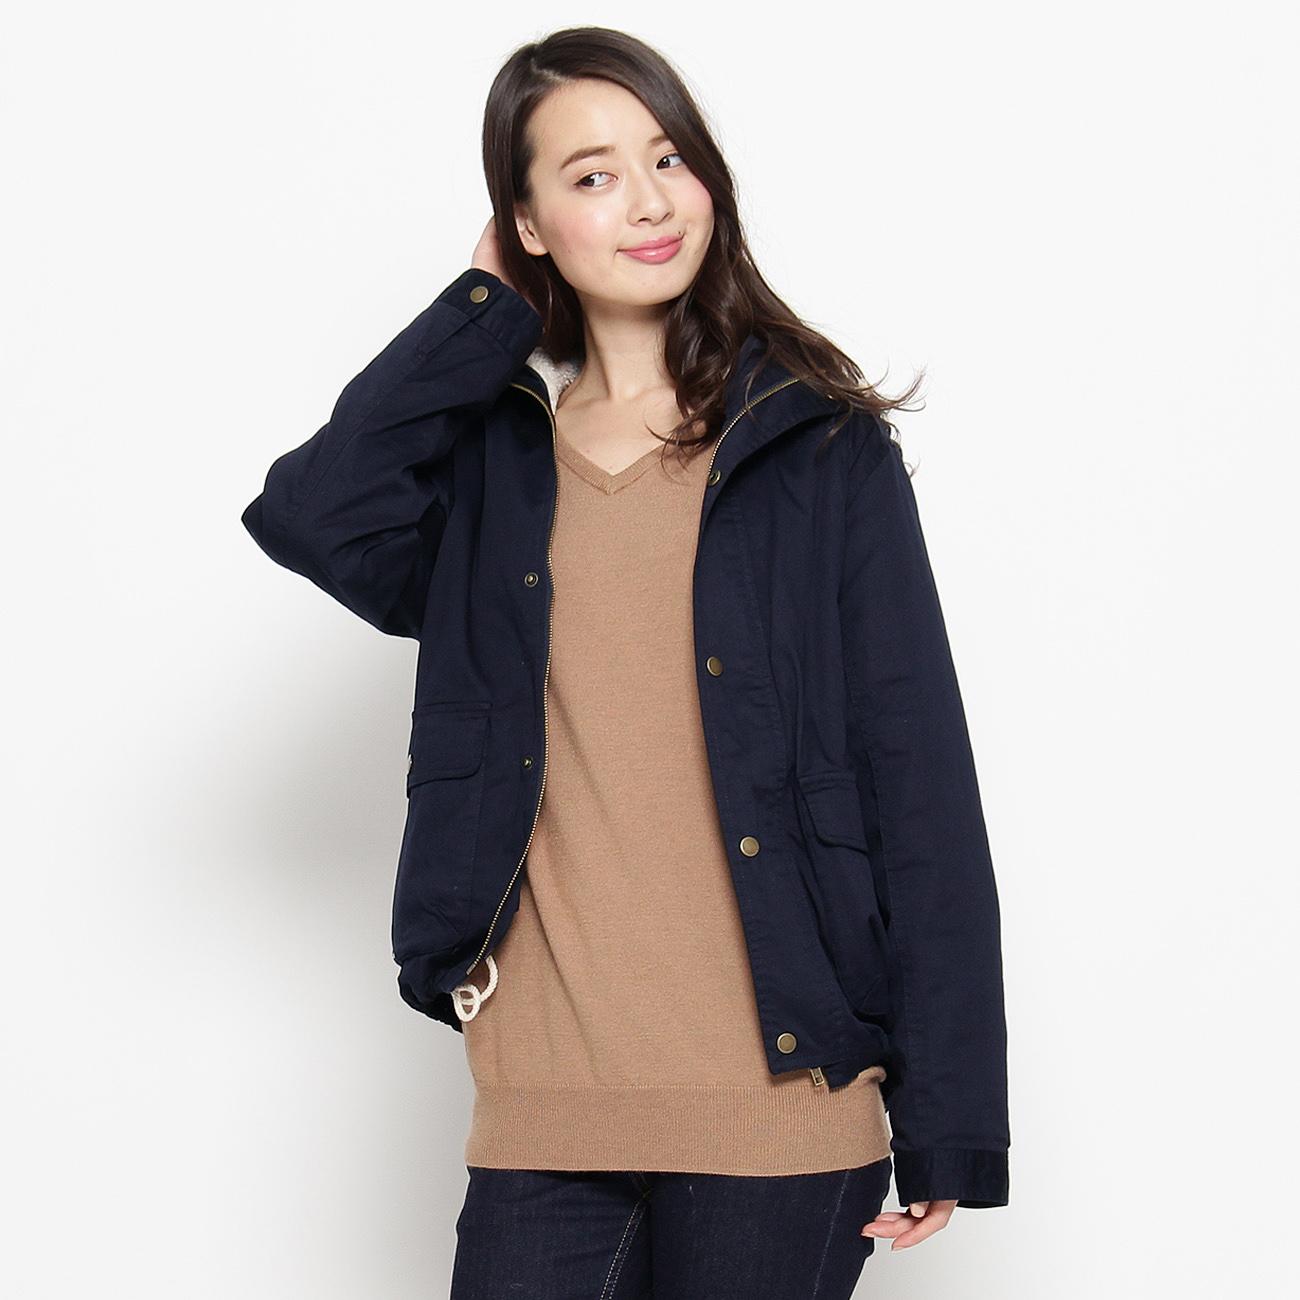 【CorteLargo (コルテラルゴ)】綿ツイルコートレディース コート|モッズ・フィールドコート ブルー